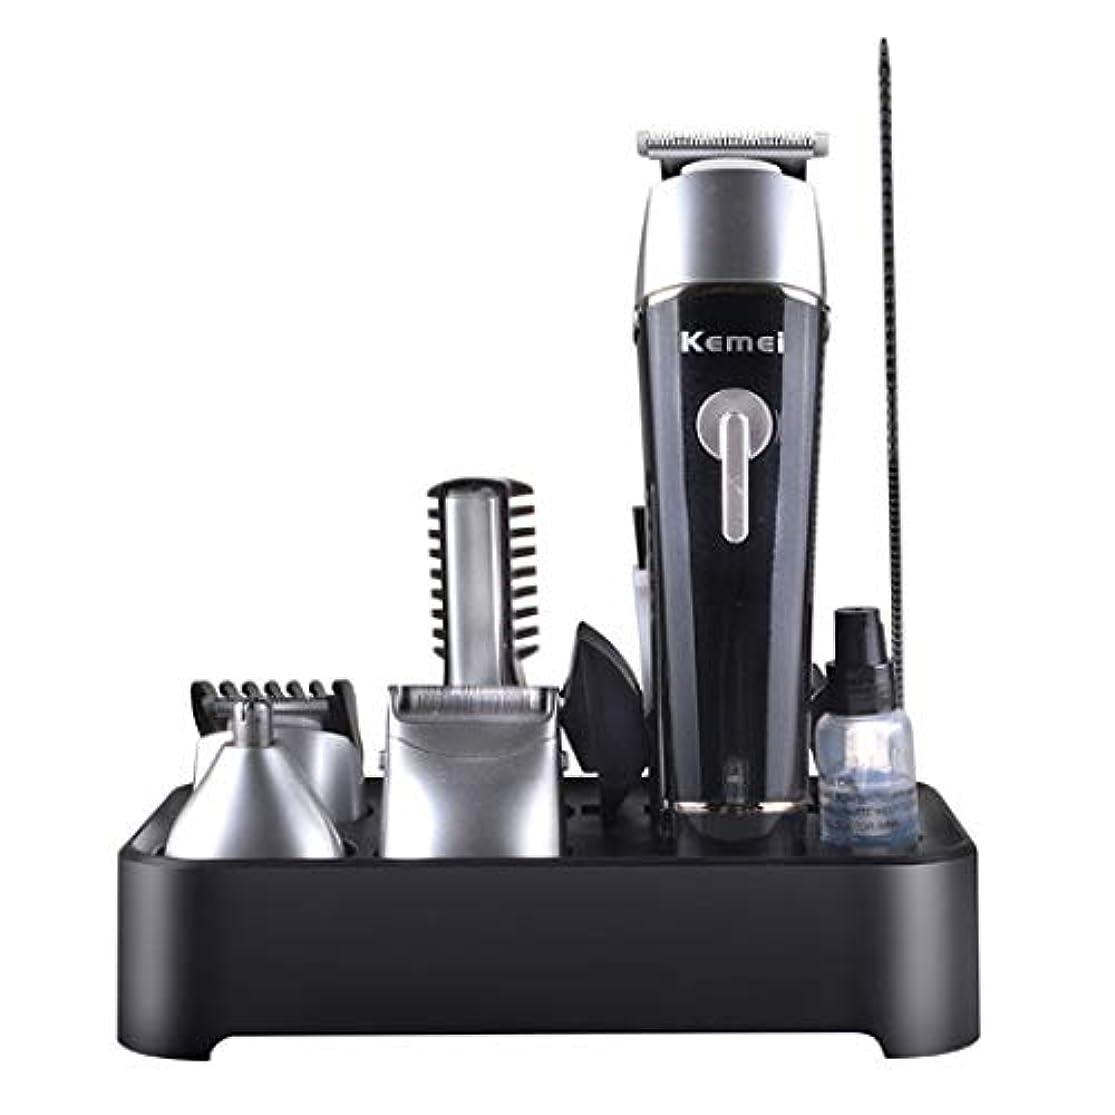 箱単なる誘惑QINJLI 電気髪クリッパー鼻ナイフ剃刀シェーバー多 function スーツ体を洗う基本 16 * 3.5 cm を充電